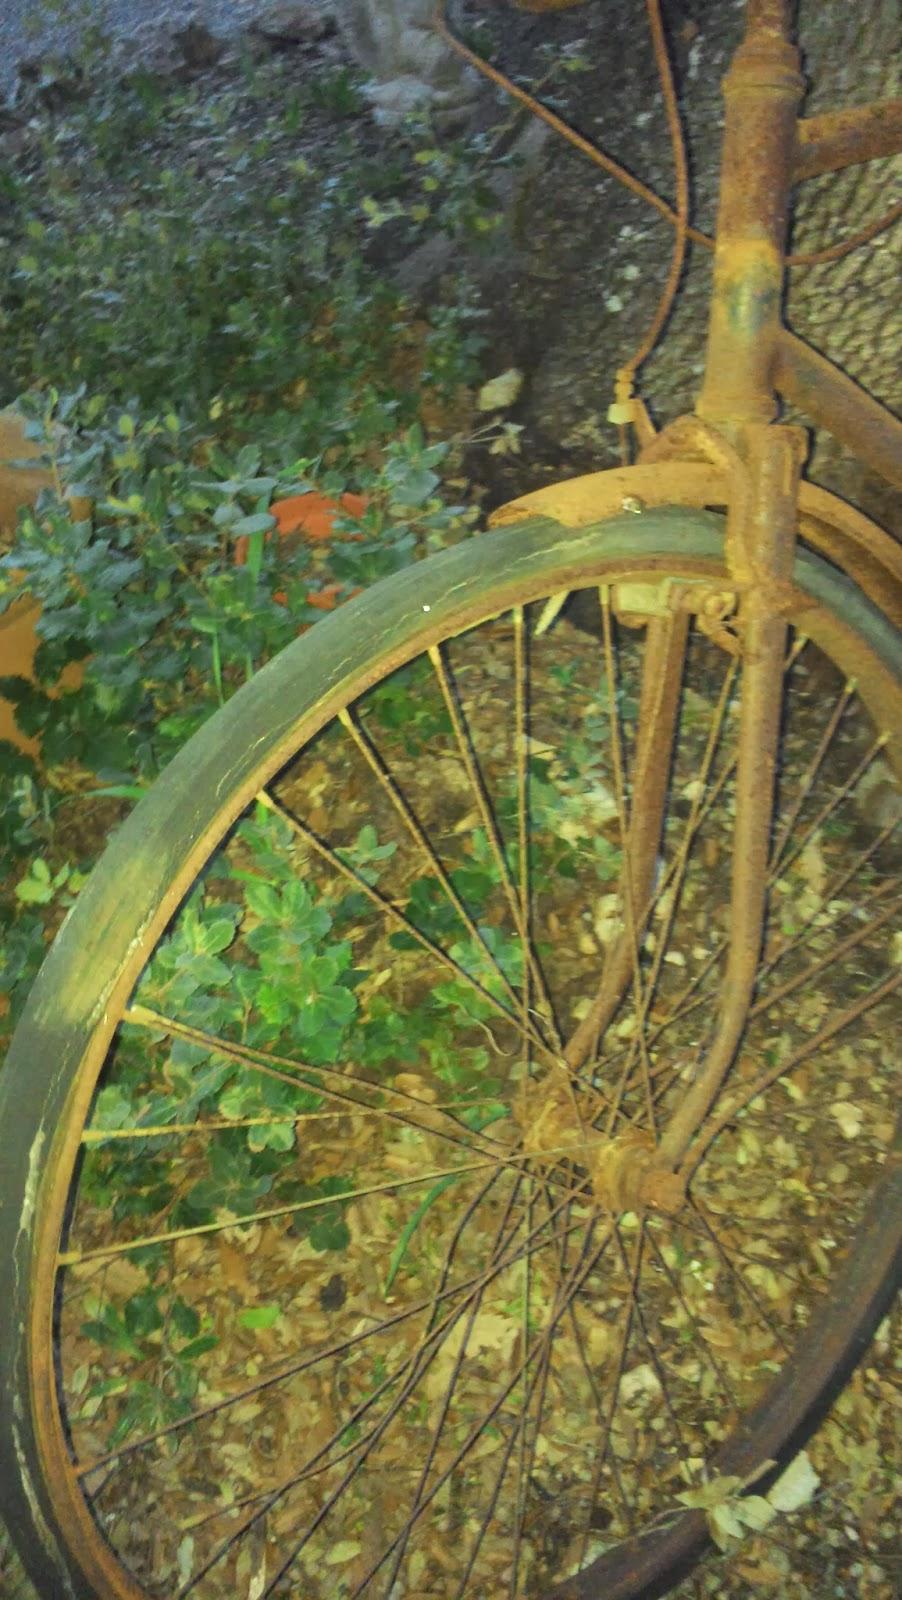 Le Vide Grenier De Didou La Brocante: Ancien Vélo Tout ... destiné Velo Deco Jardin